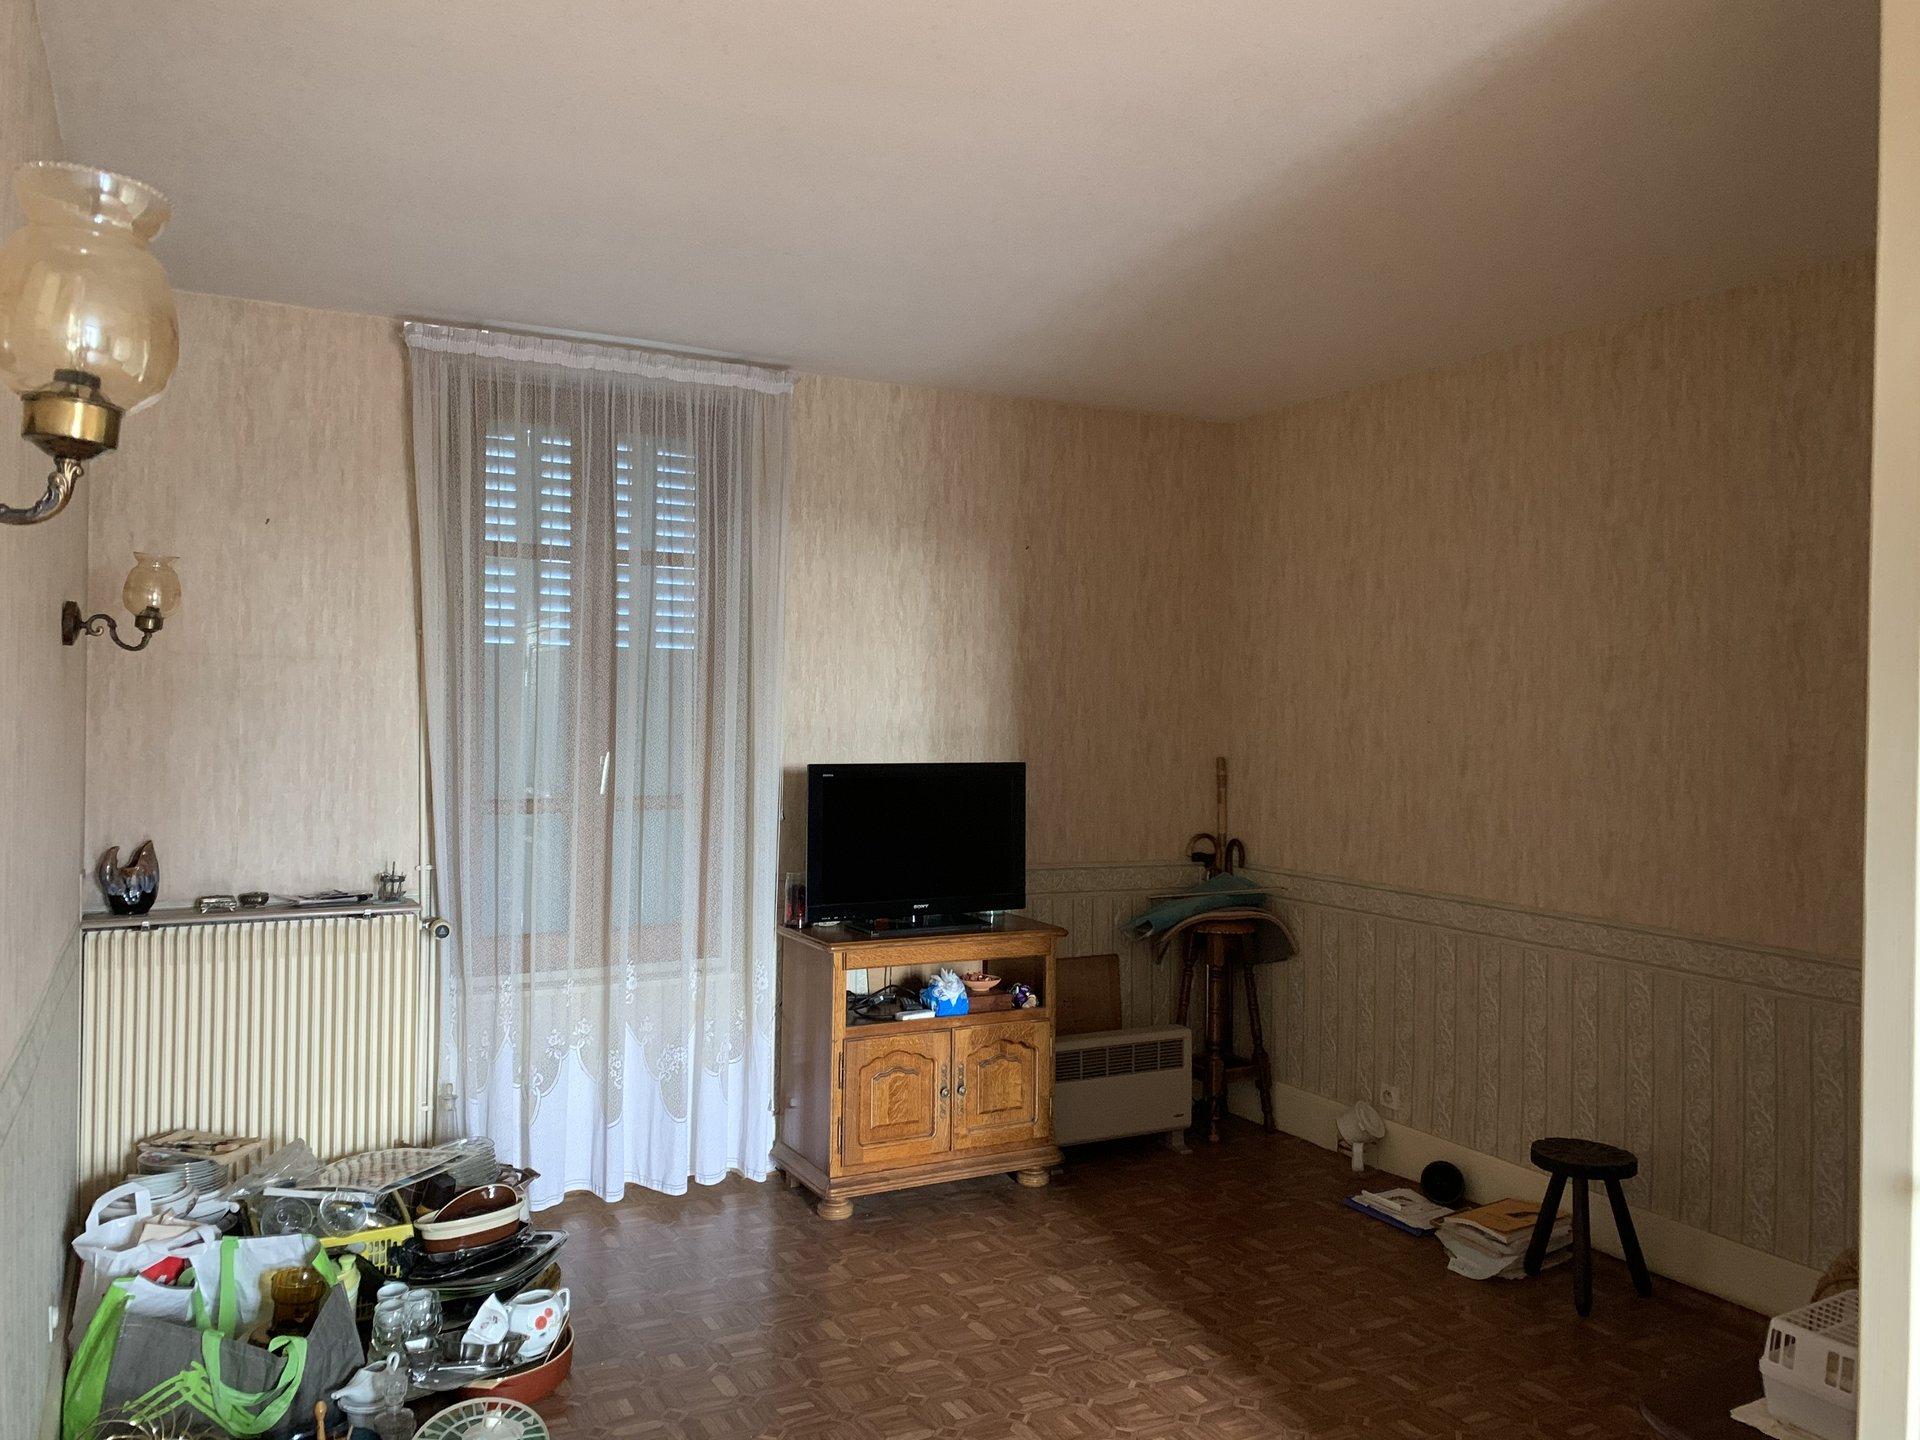 5906JMM - Maison de Bourg - ST GERMAIN/F